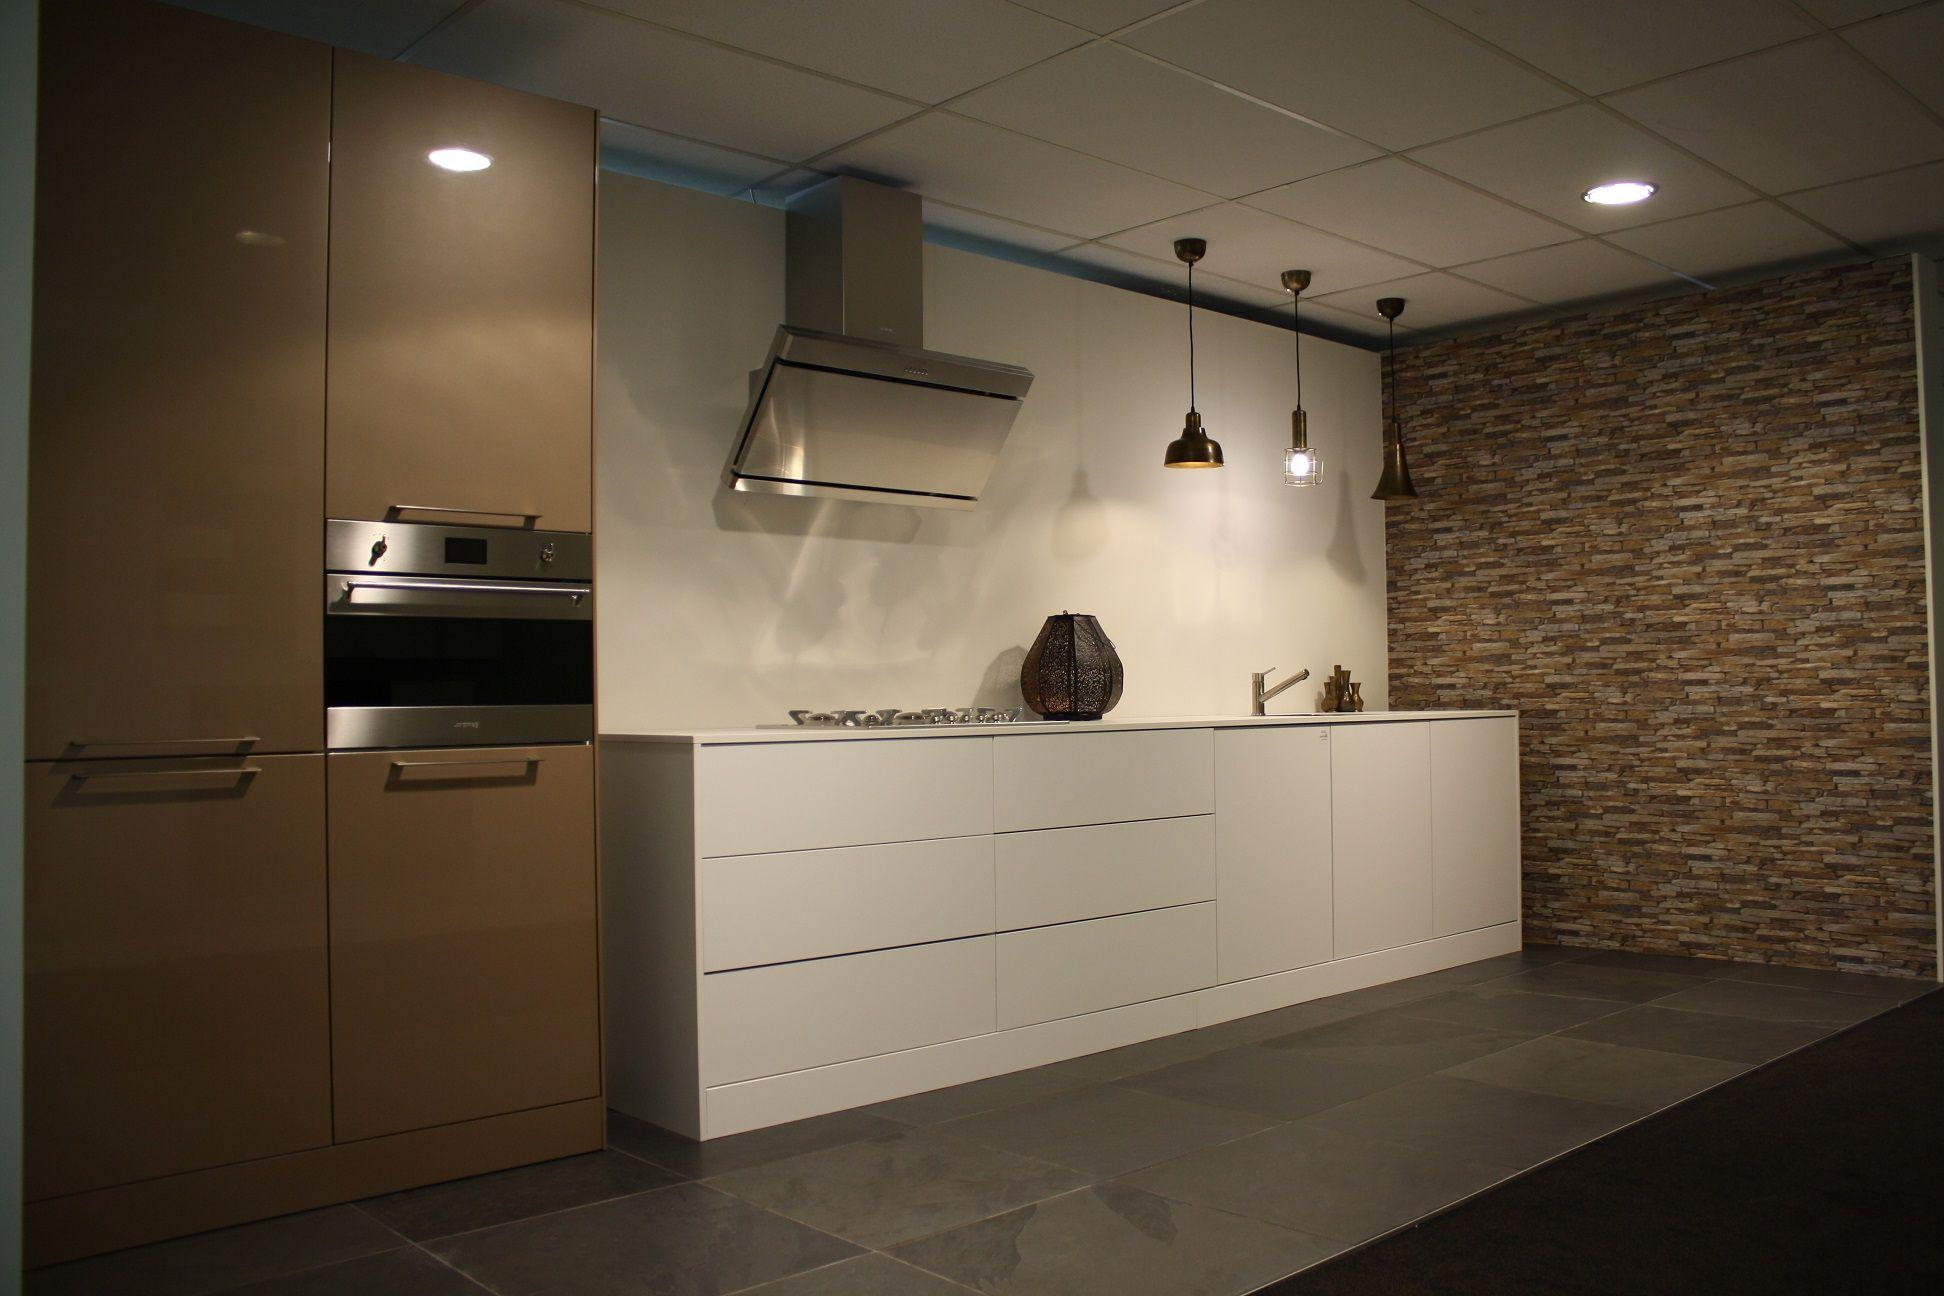 Keukenprijs altijd de beste keukenprijs greeploze witte keuken 48196 - Deco witte keuken ...